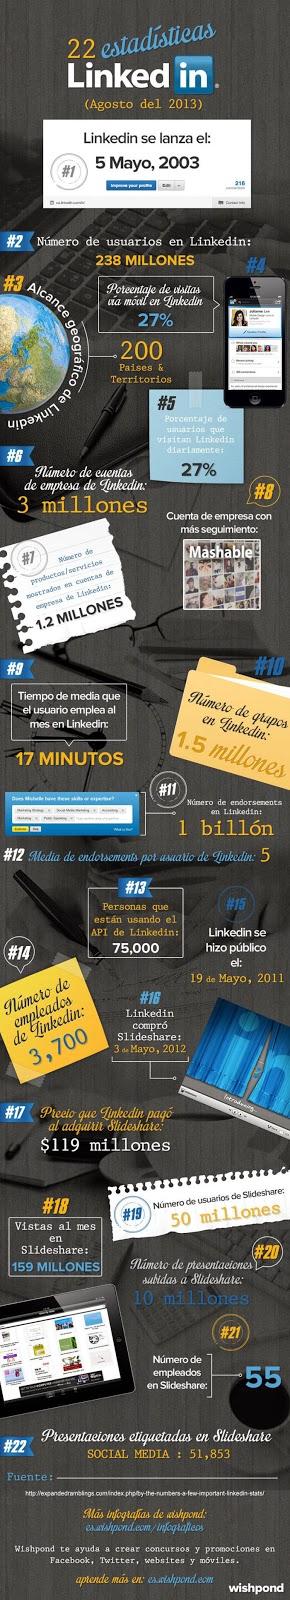 Infografia amb 22 estadístiques de Linkedin i Slideshare